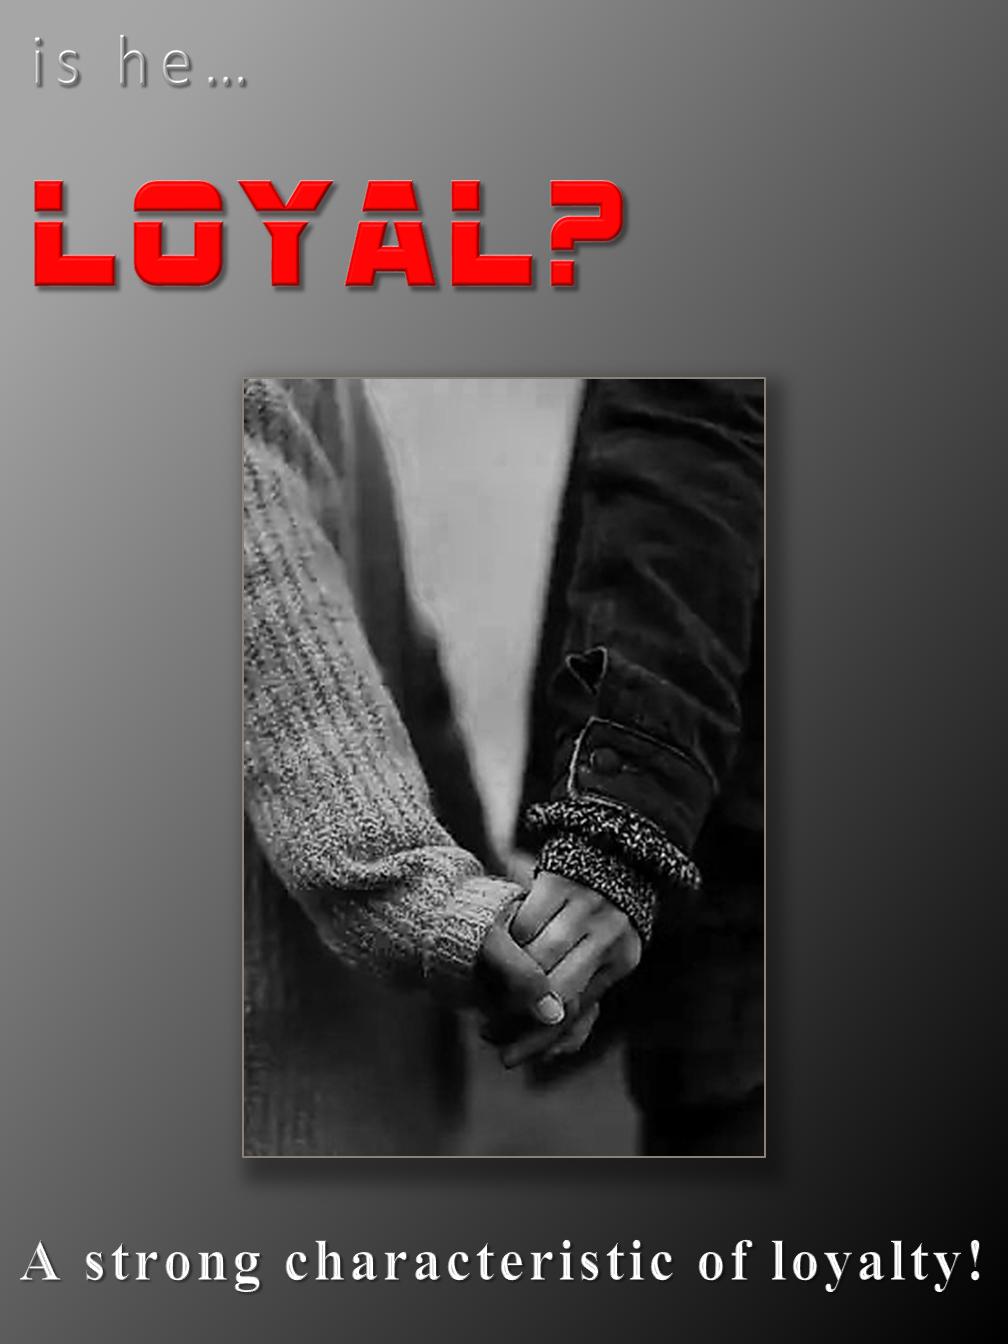 Is he Loyal?